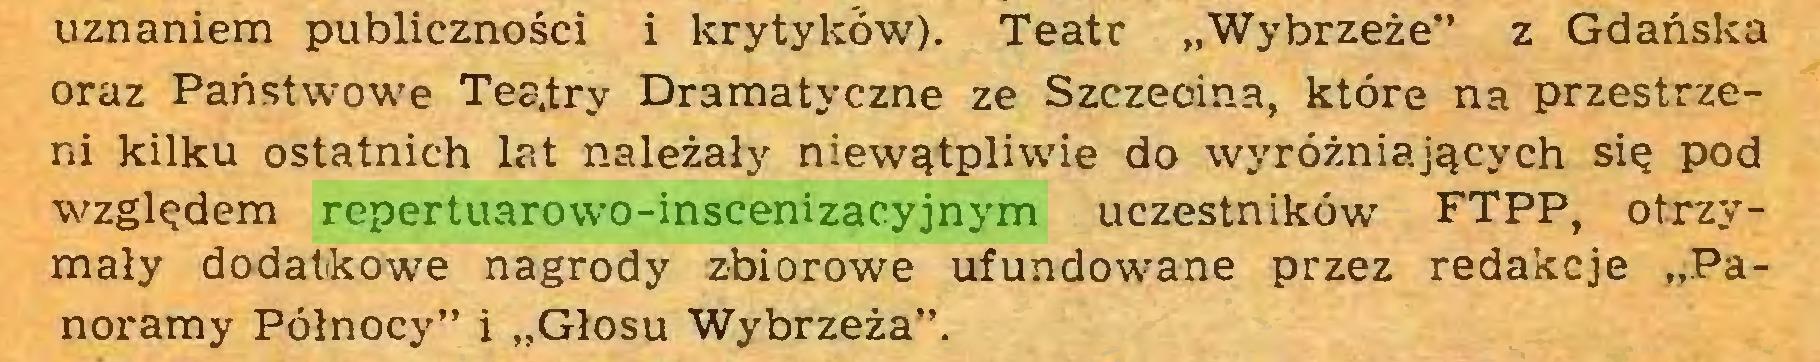 """(...) uznaniem publiczności i krytyków). Teatr """"Wybrzeże"""" z Gdańska oraz Państwowe Teatry Dramatyczne ze Szczecina, które na przestrzeni kilku ostatnich lat należały niewątpliwie do wyróżniających się pod względem repertuarowo-inscenizacyjnym uczestników FTPP, otrzymały dodatkowe nagrody zbiorowe ufundowane przez redakcje """"Panoramy Północy"""" i """"Głosu Wybrzeża""""..."""